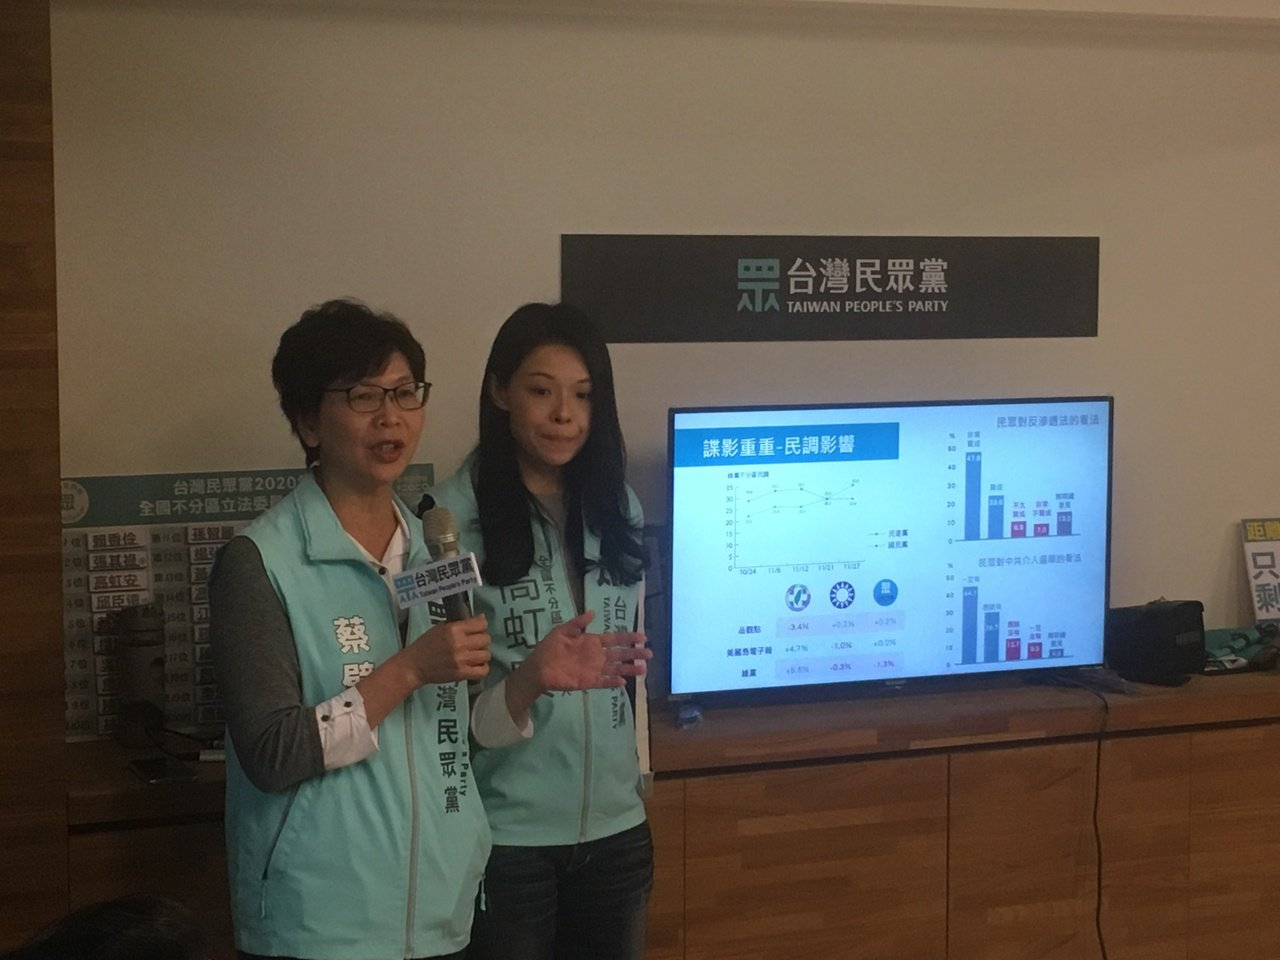 台灣民眾黨今天下午舉行大數據開講記者會,解析近期各議題、陣營的網路聲量。記者張世...